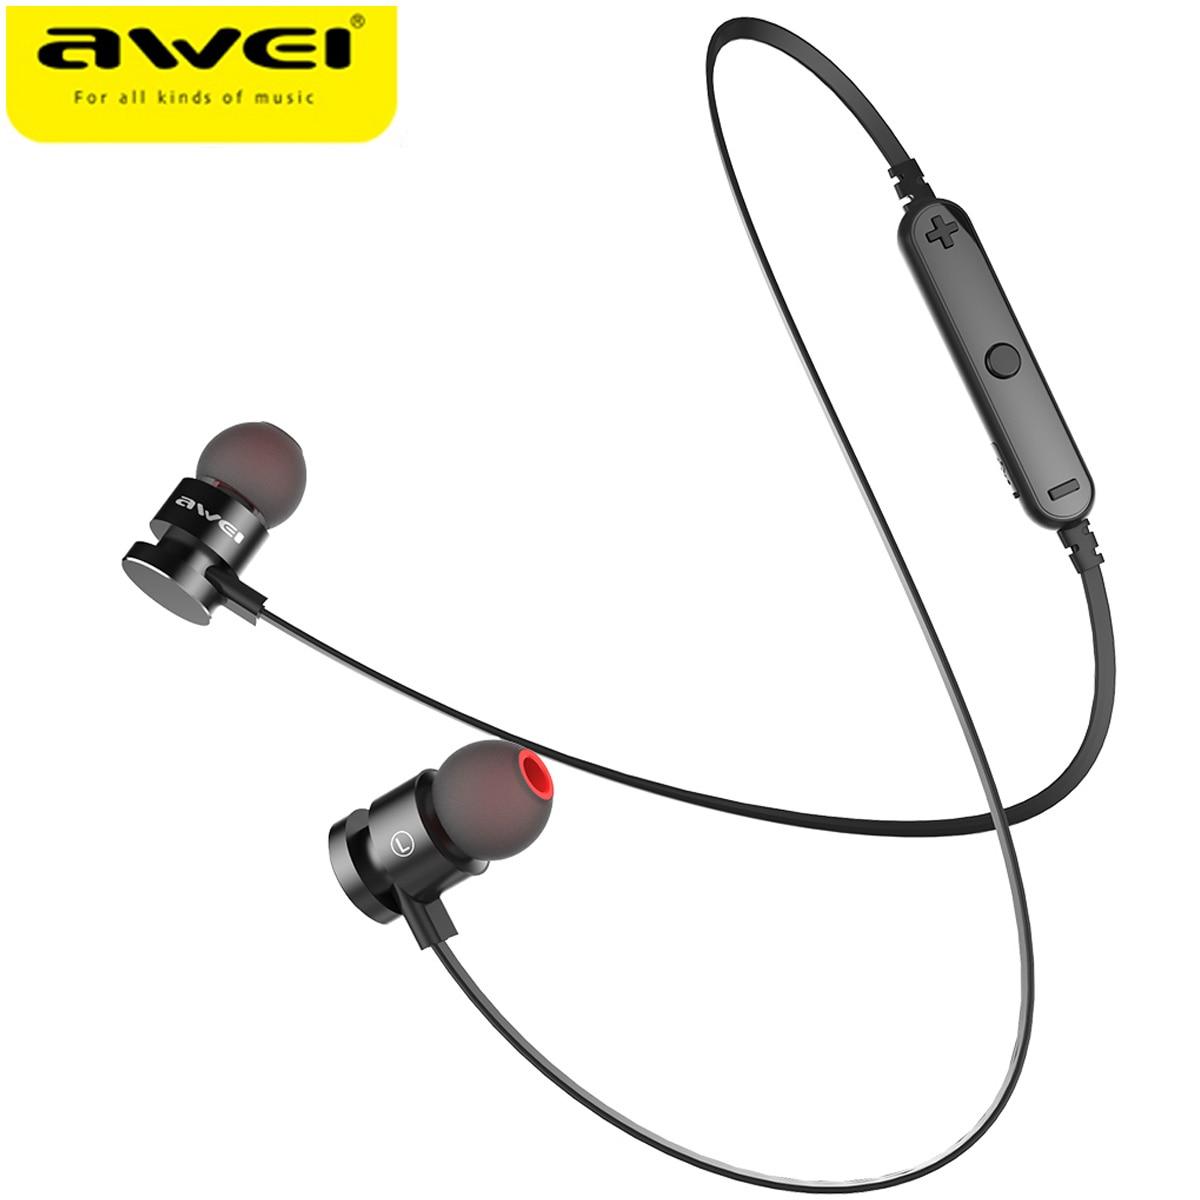 Mais novo AWEI T11 Neckband esporte fone de ouvido Sem Fio Fone De Ouvido Bluetooth Fone de Ouvido Fone De Ouvido Para Telefone Auriculare CSR Bluetooth V4.2